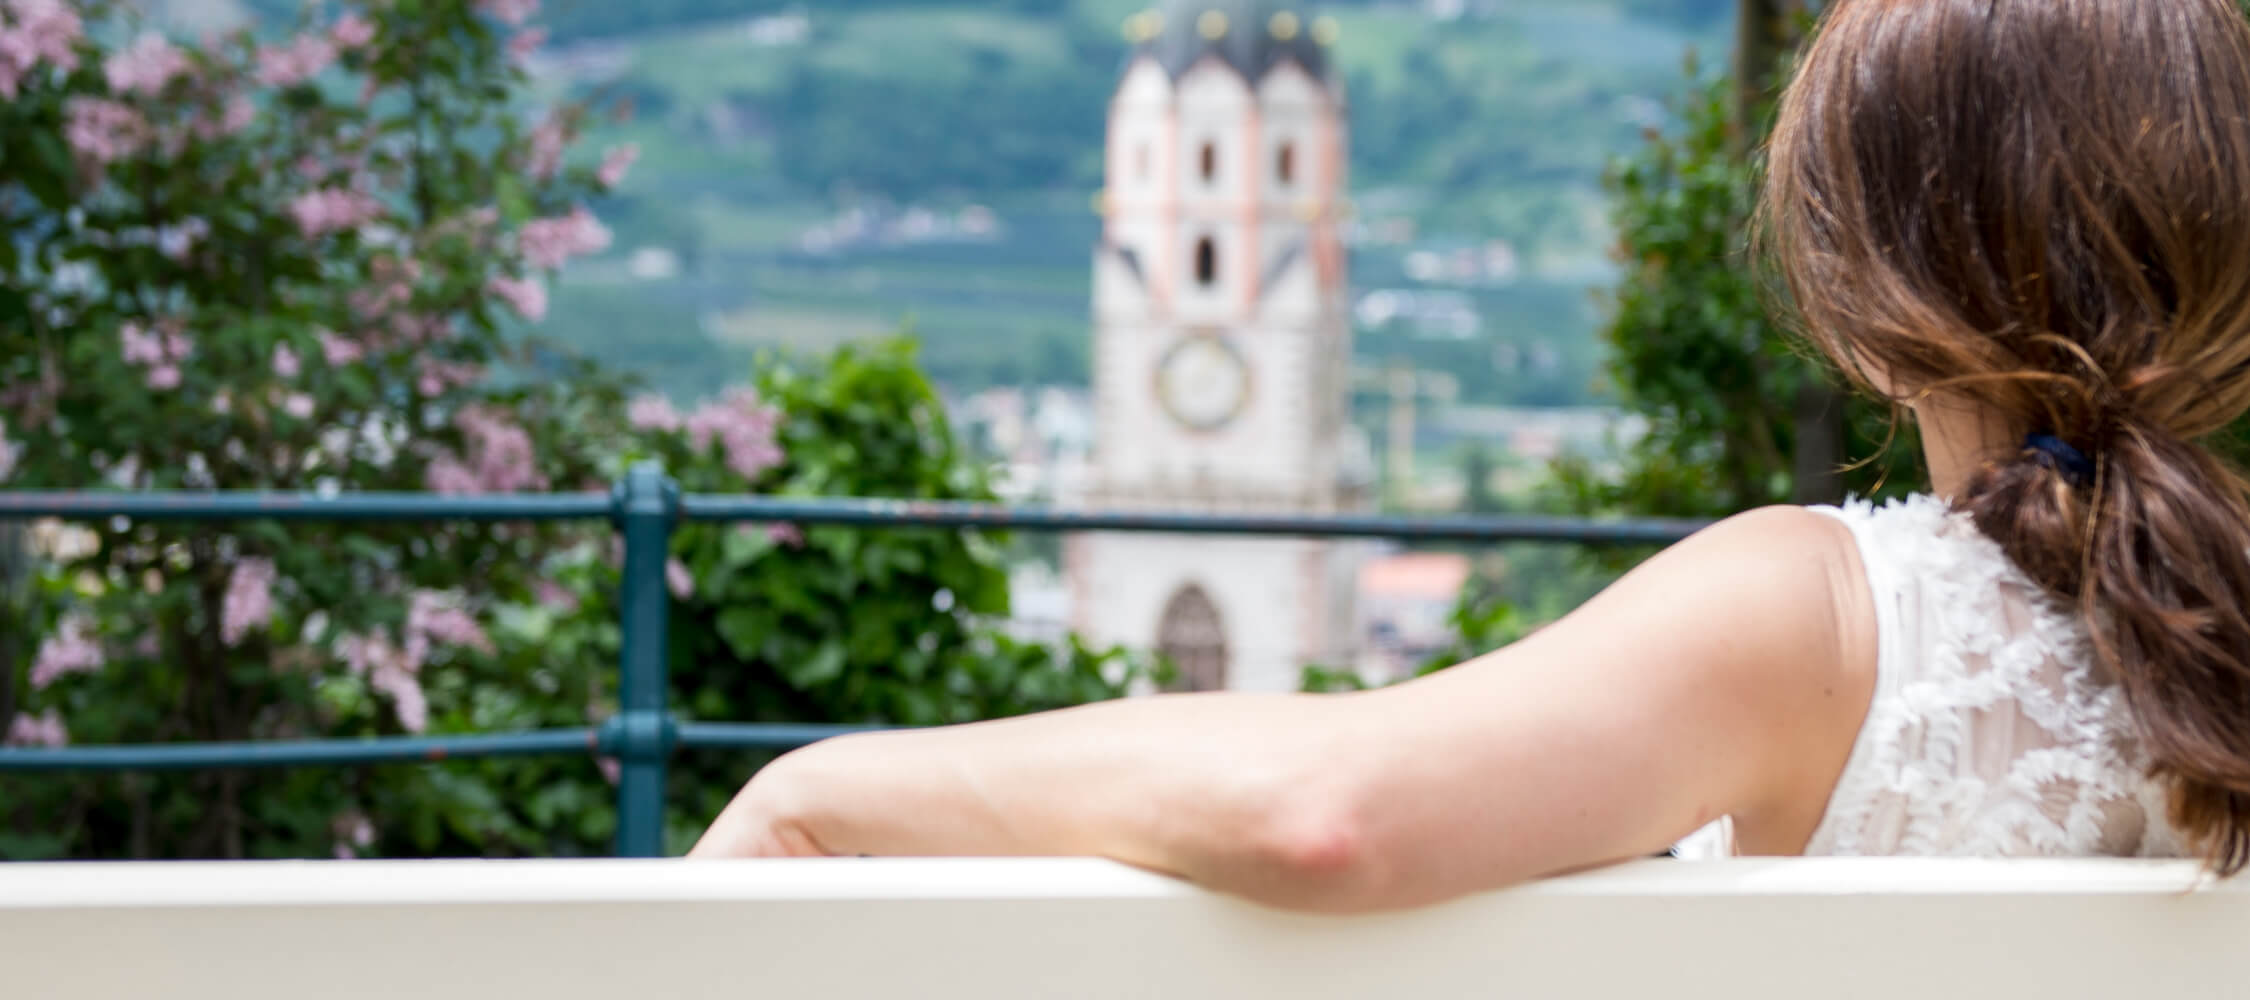 Italien-Trentino_Suedtirol_Alto_Adige_Merano_Meran_Besichtigen_Natur_Promenade_Tappeinerweg_Relax_Sommer_Spring_Kurverwaltung-Alex-Filz_26_2250x1000